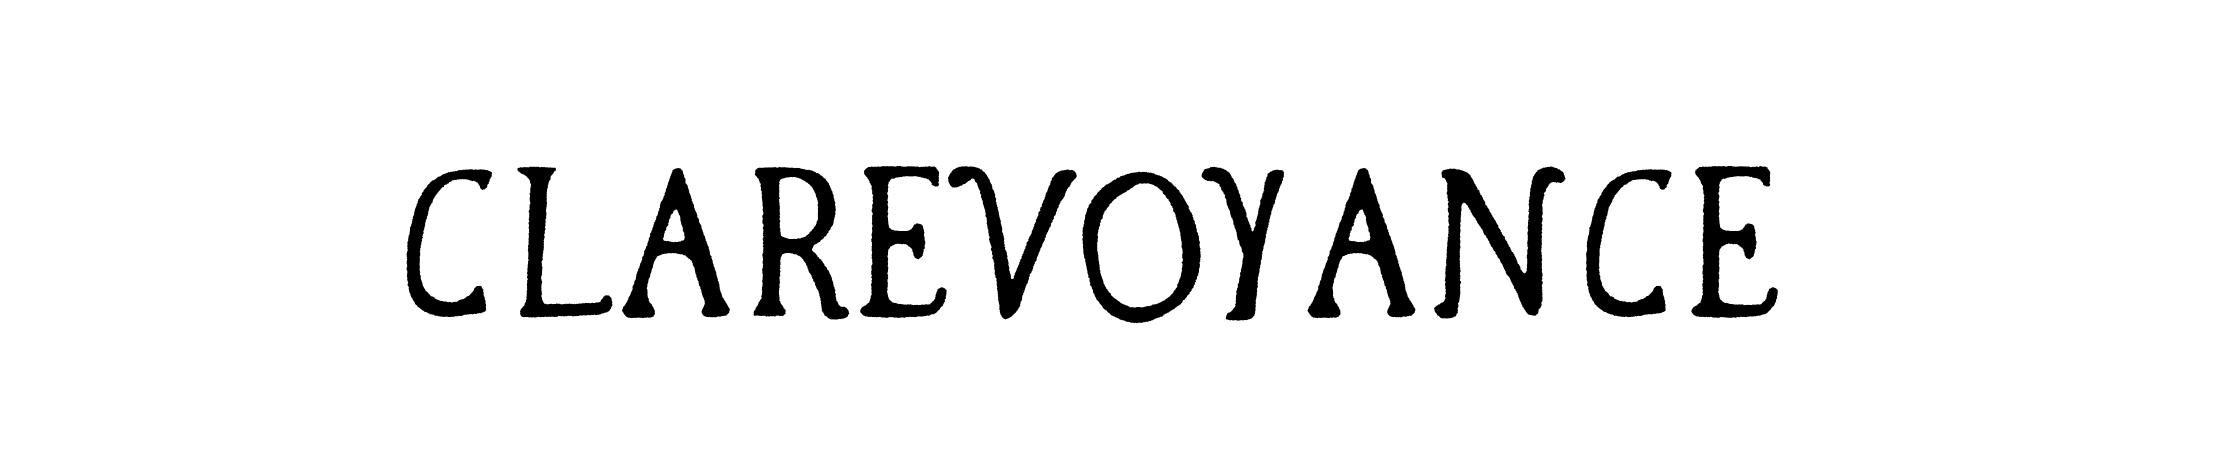 Clarevoyance